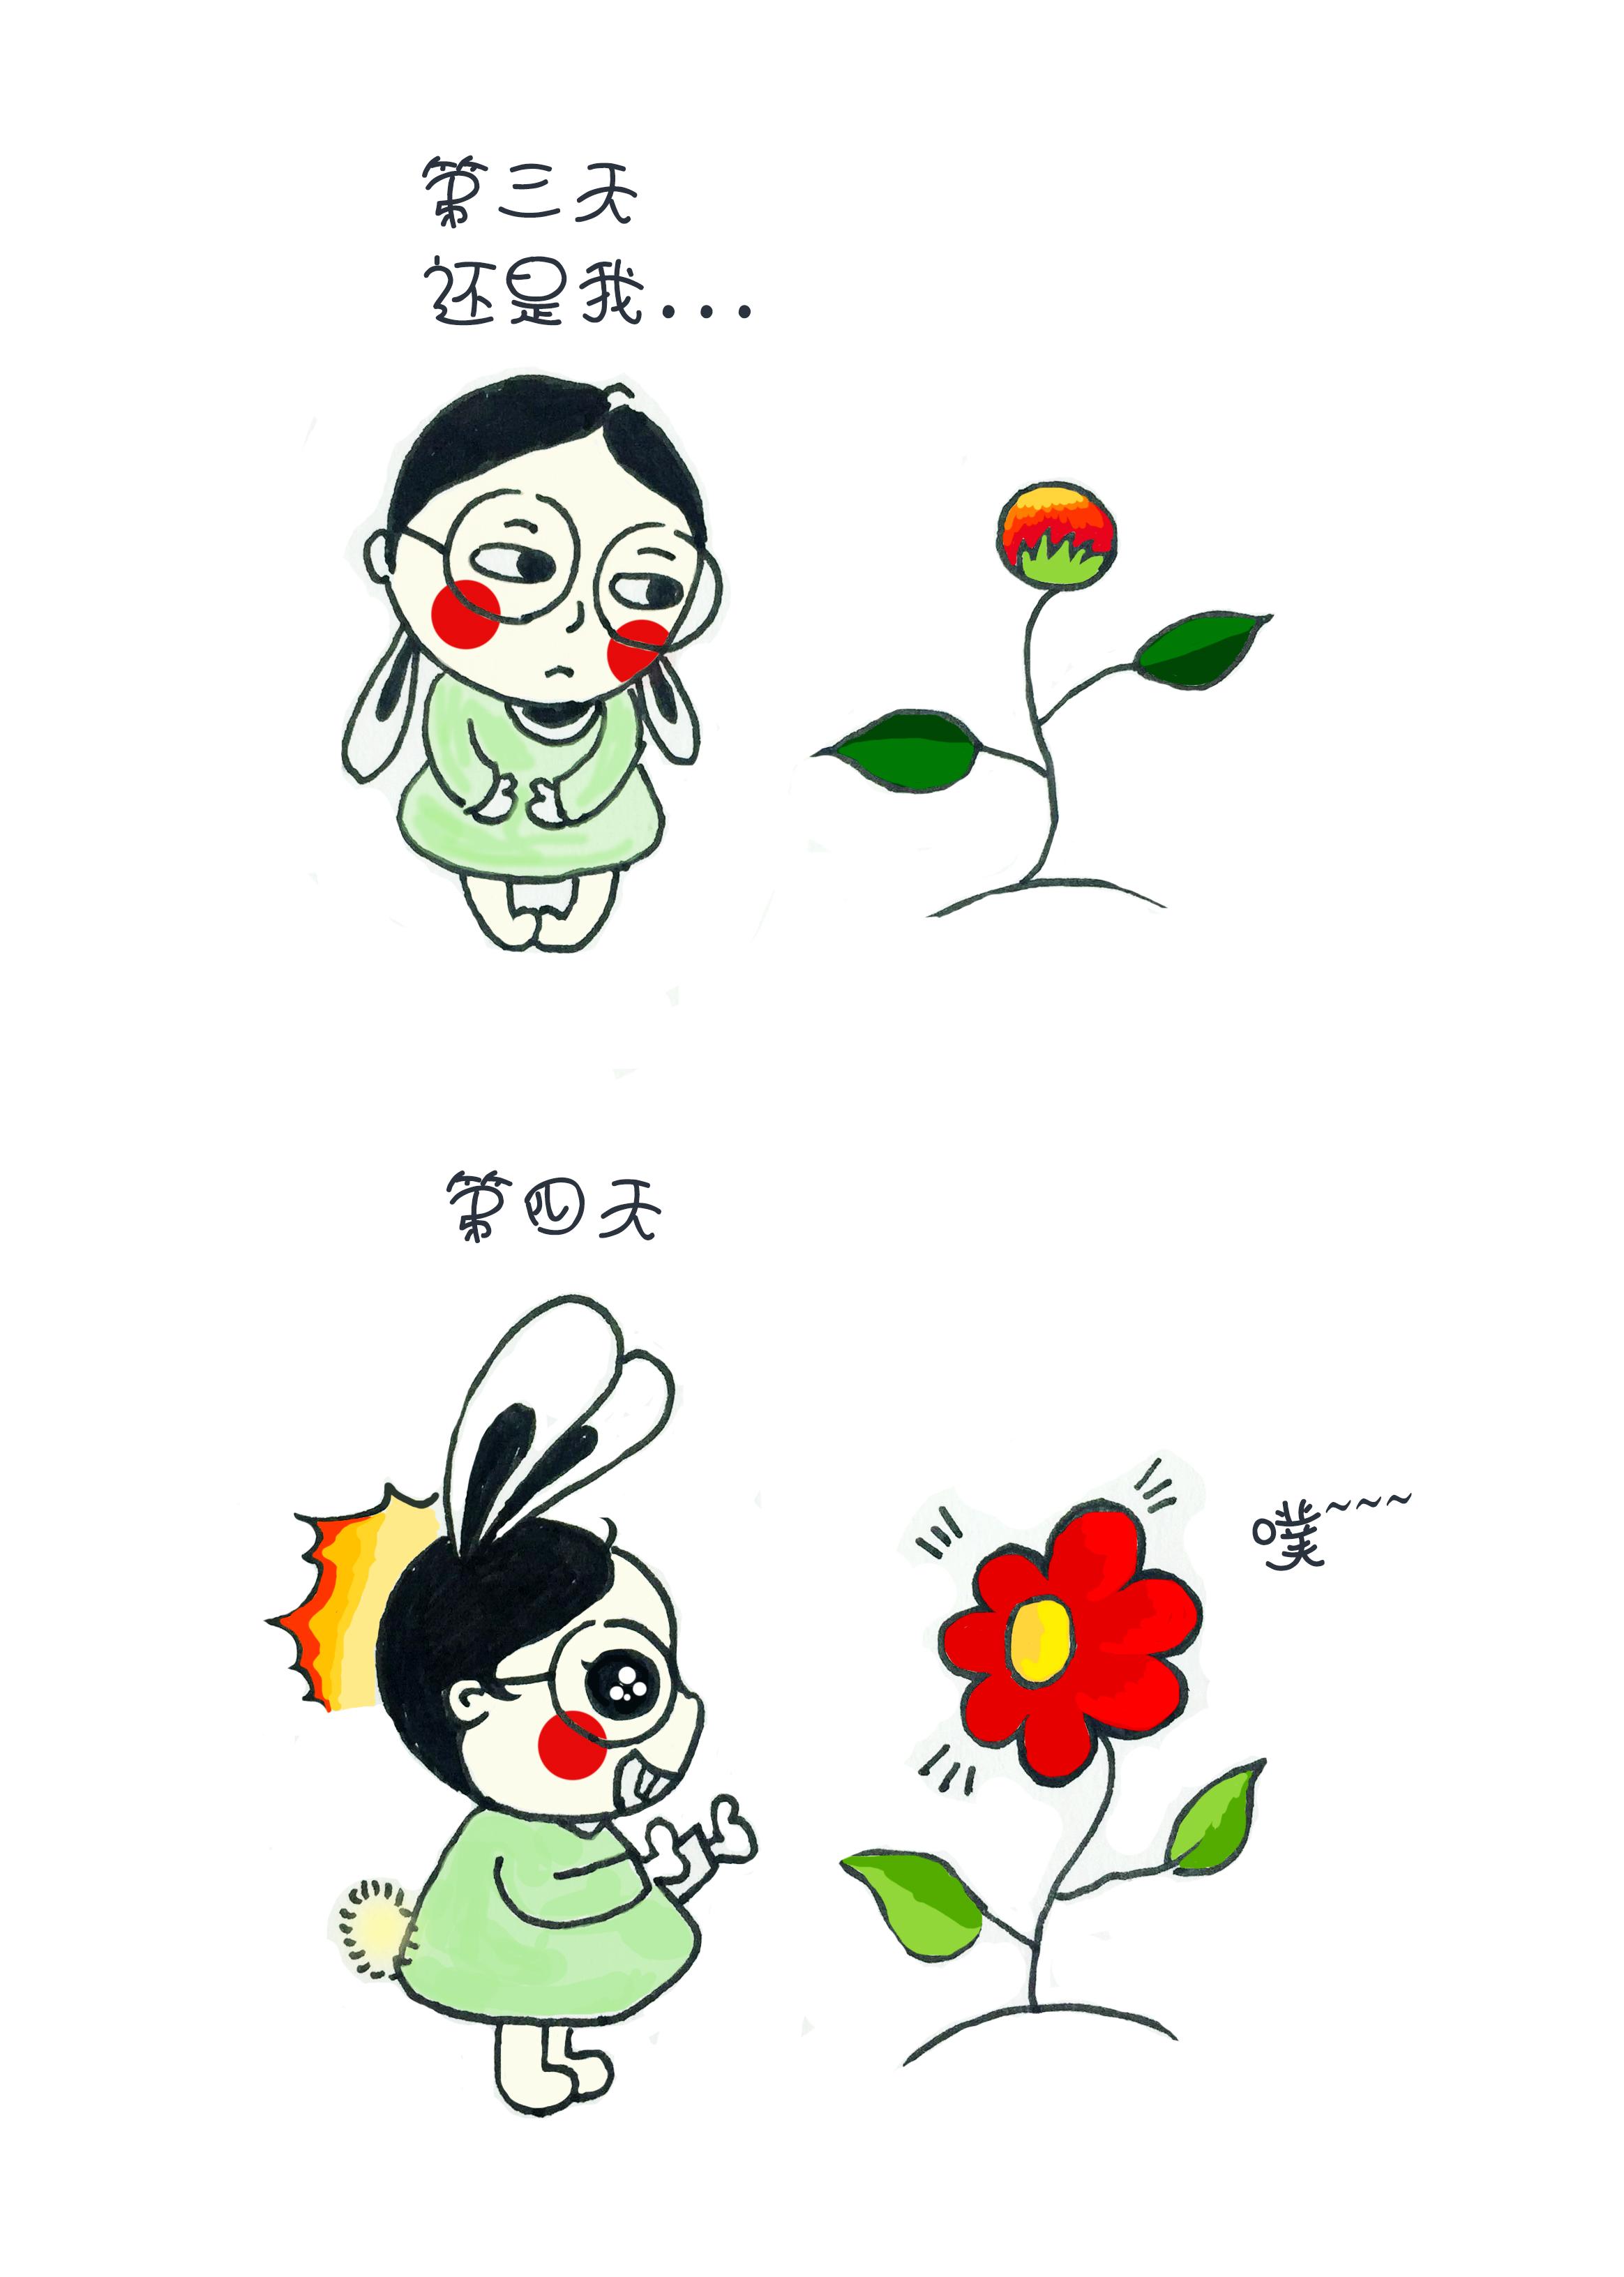 糊涂兔-彩铅·手绘·卡通-儿童-花朵